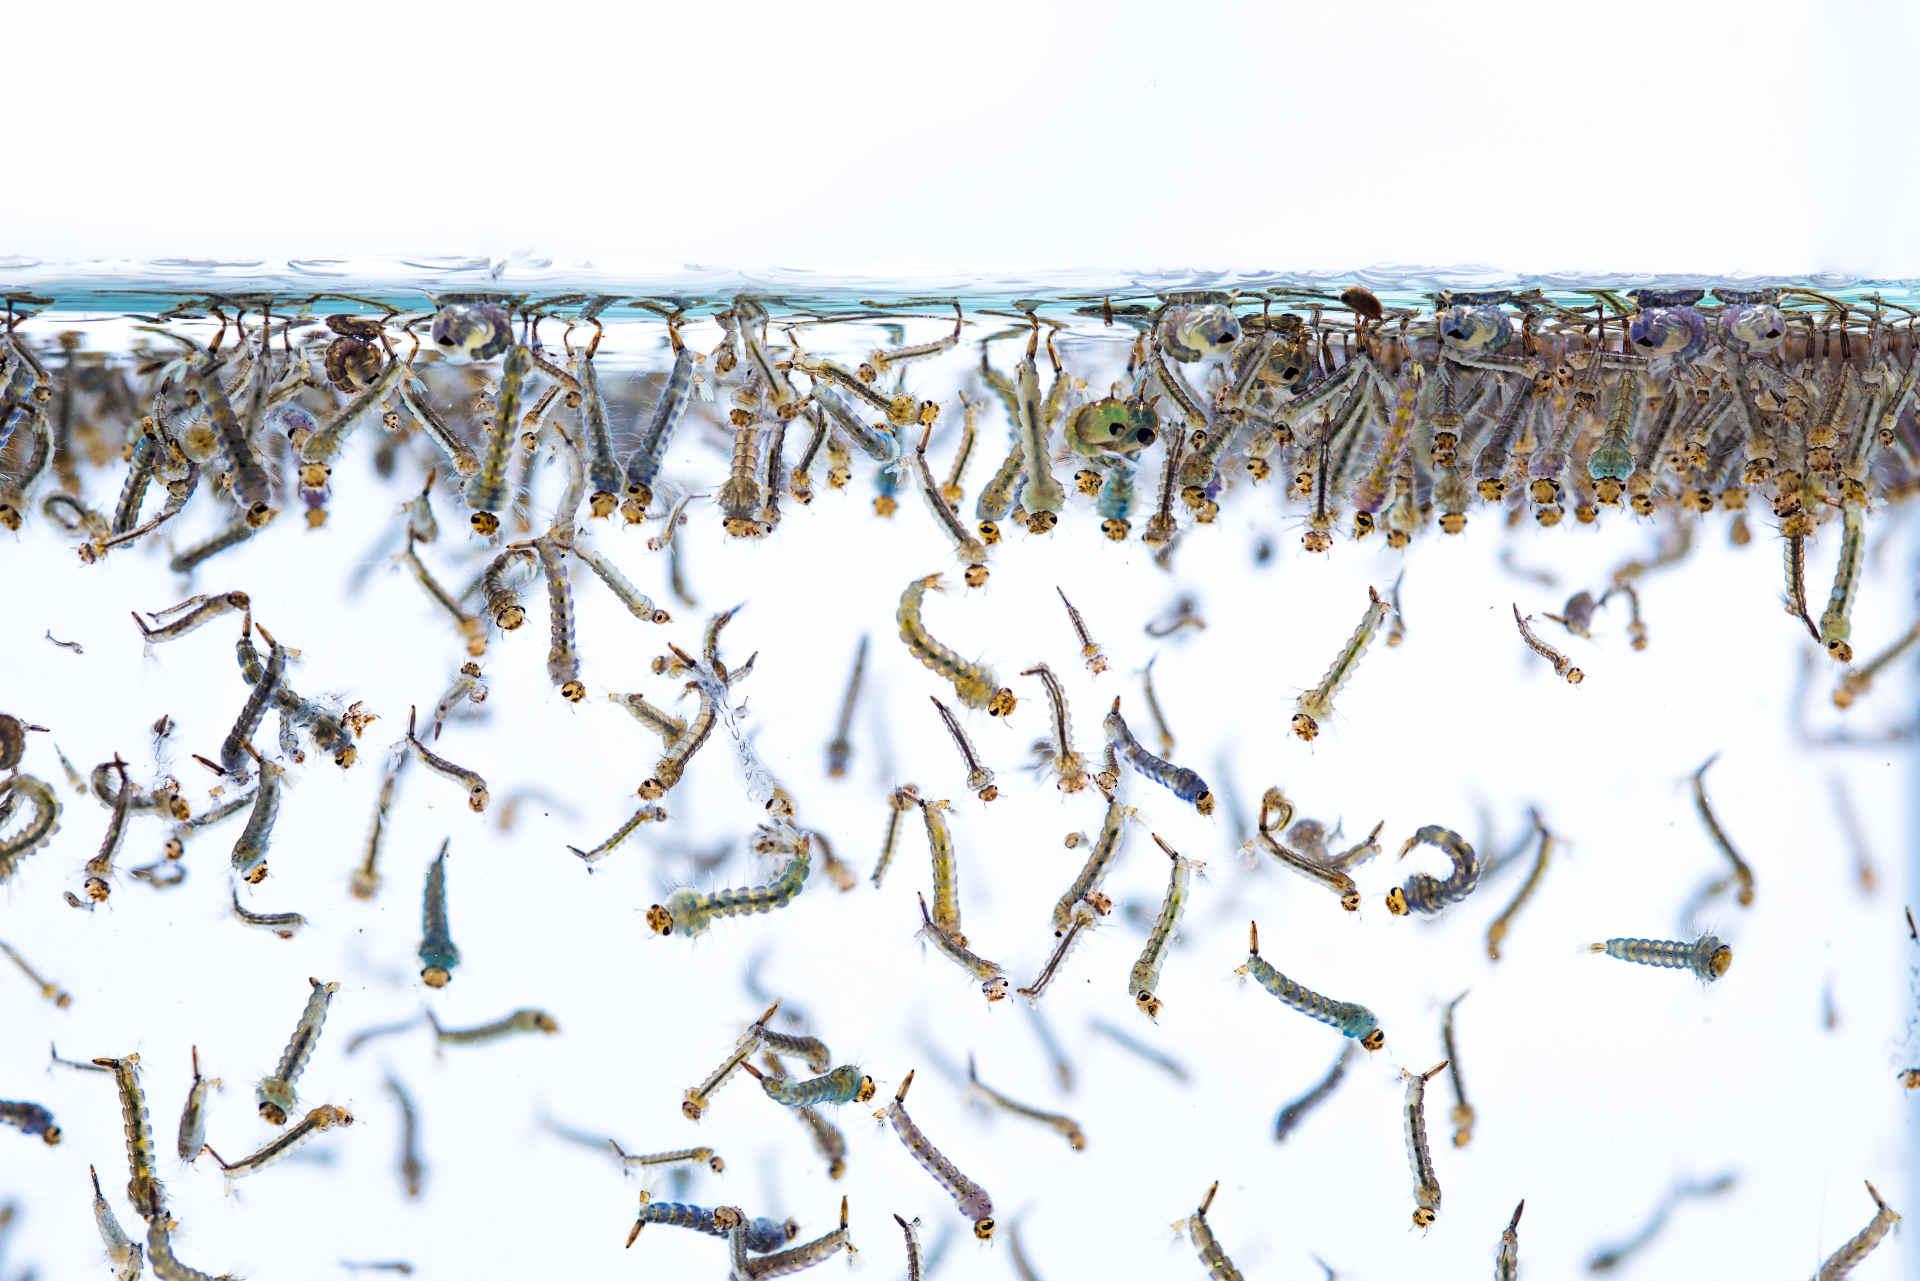 Stechmücken bekämpfen: Larven in Wasser